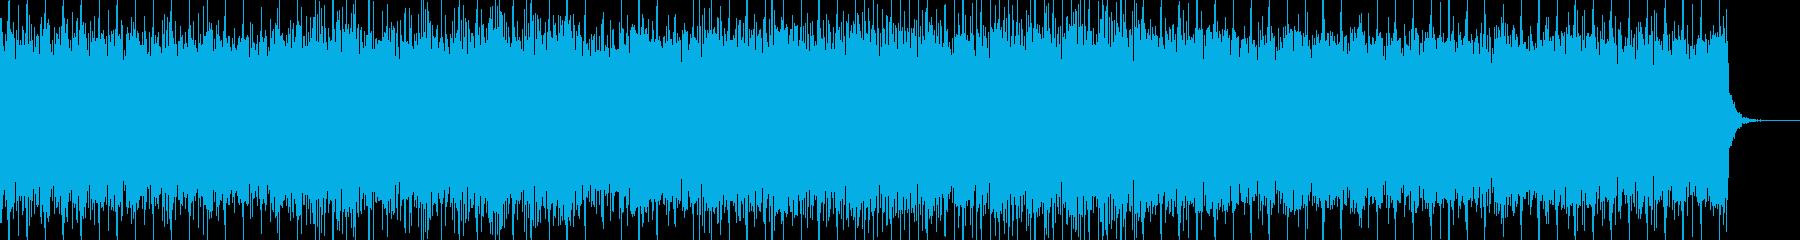 チルでアンビエントなヒーリング系テクノの再生済みの波形